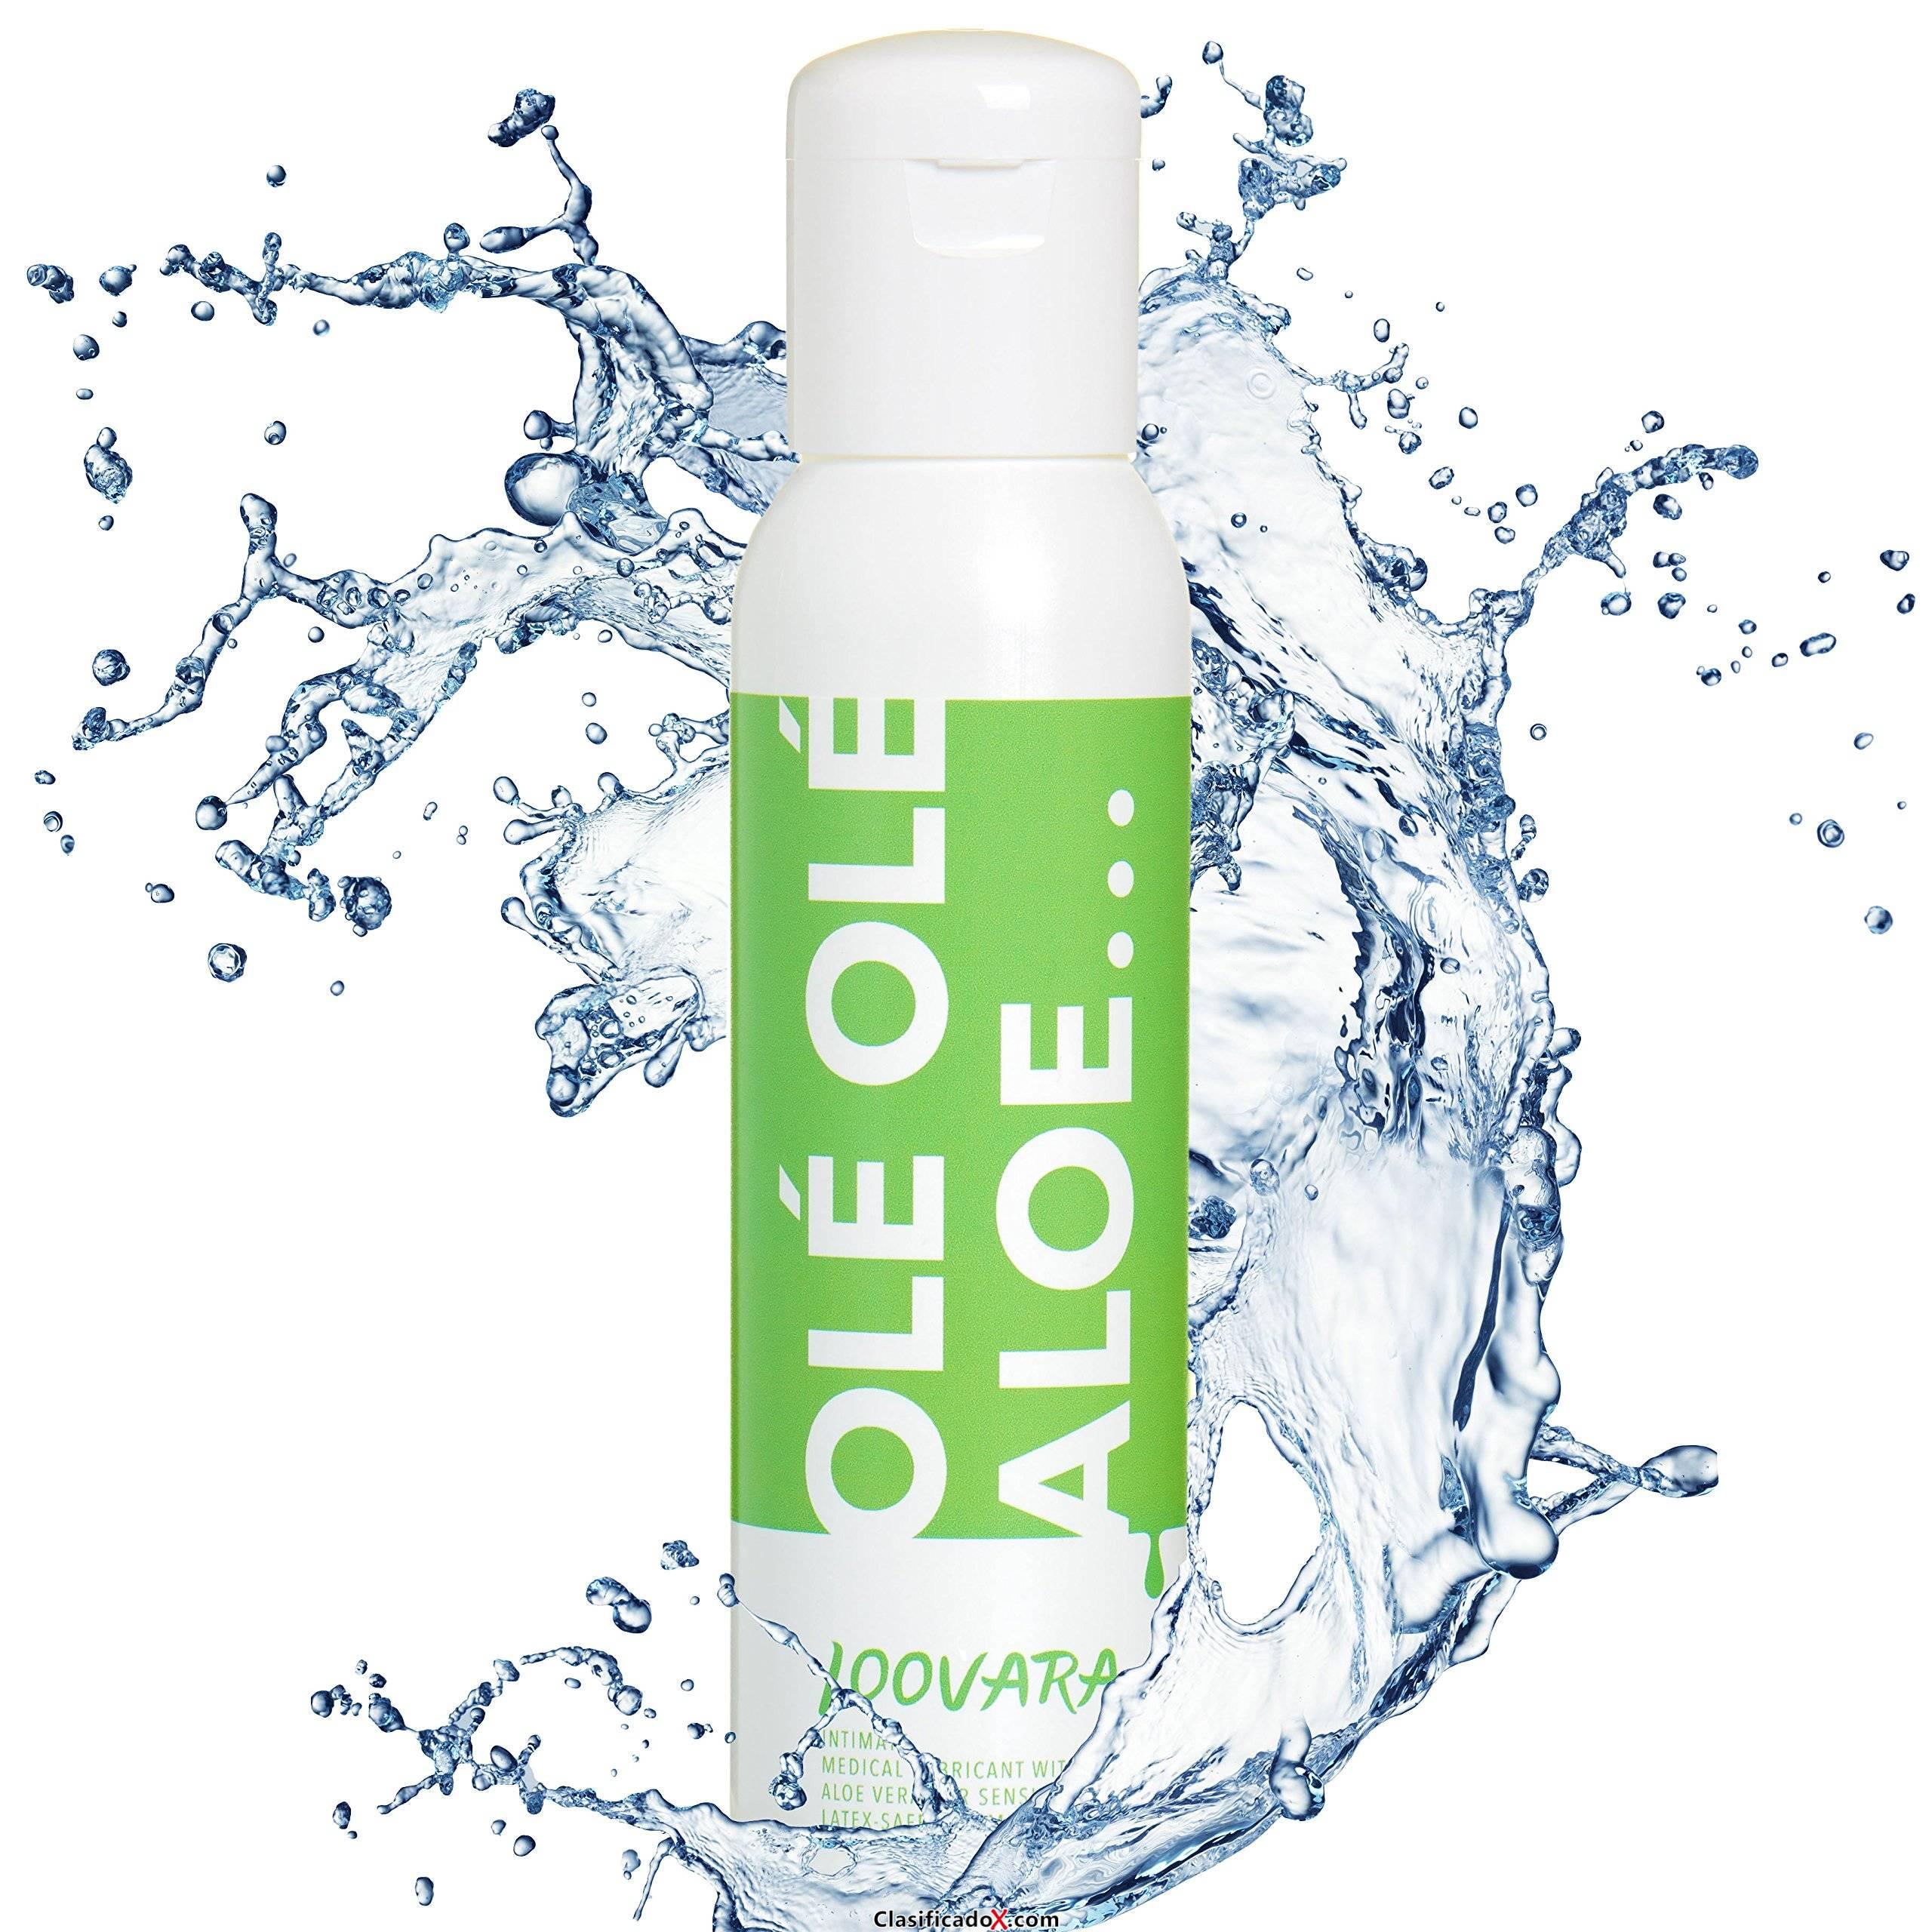 Loovara gel Lubricante OleOleAloe (250 ml) lubricantes sexuales a base de agua, con Aloe Vera para pieles sensibles. Envíos a Almería